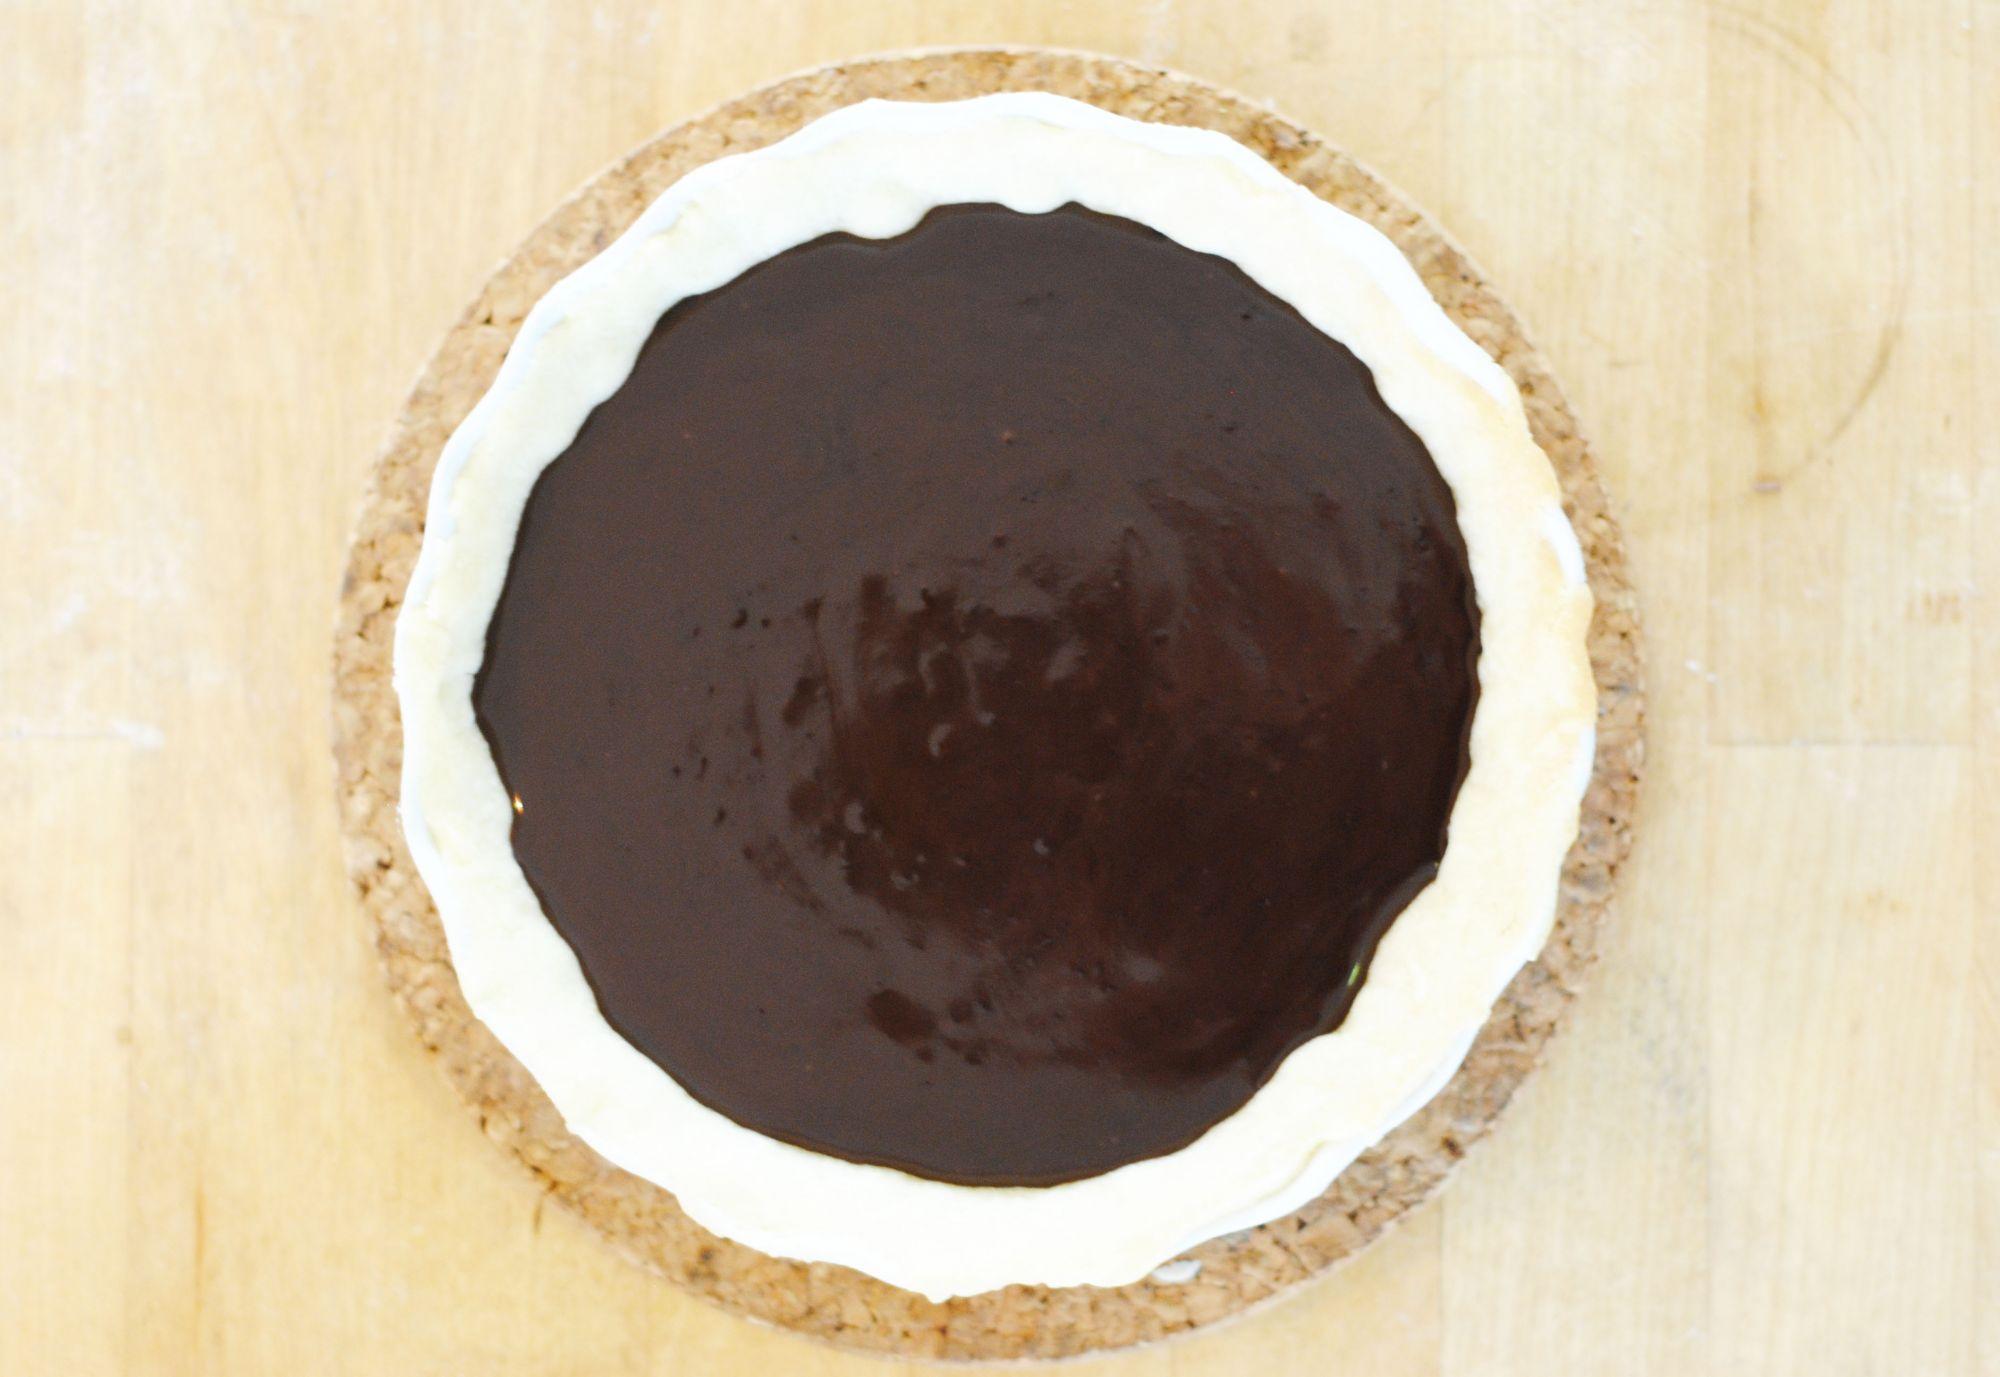 עוגה עוגת פאי שוקולד מהירה דרור שדה אחינעם לוי בורנשטיין